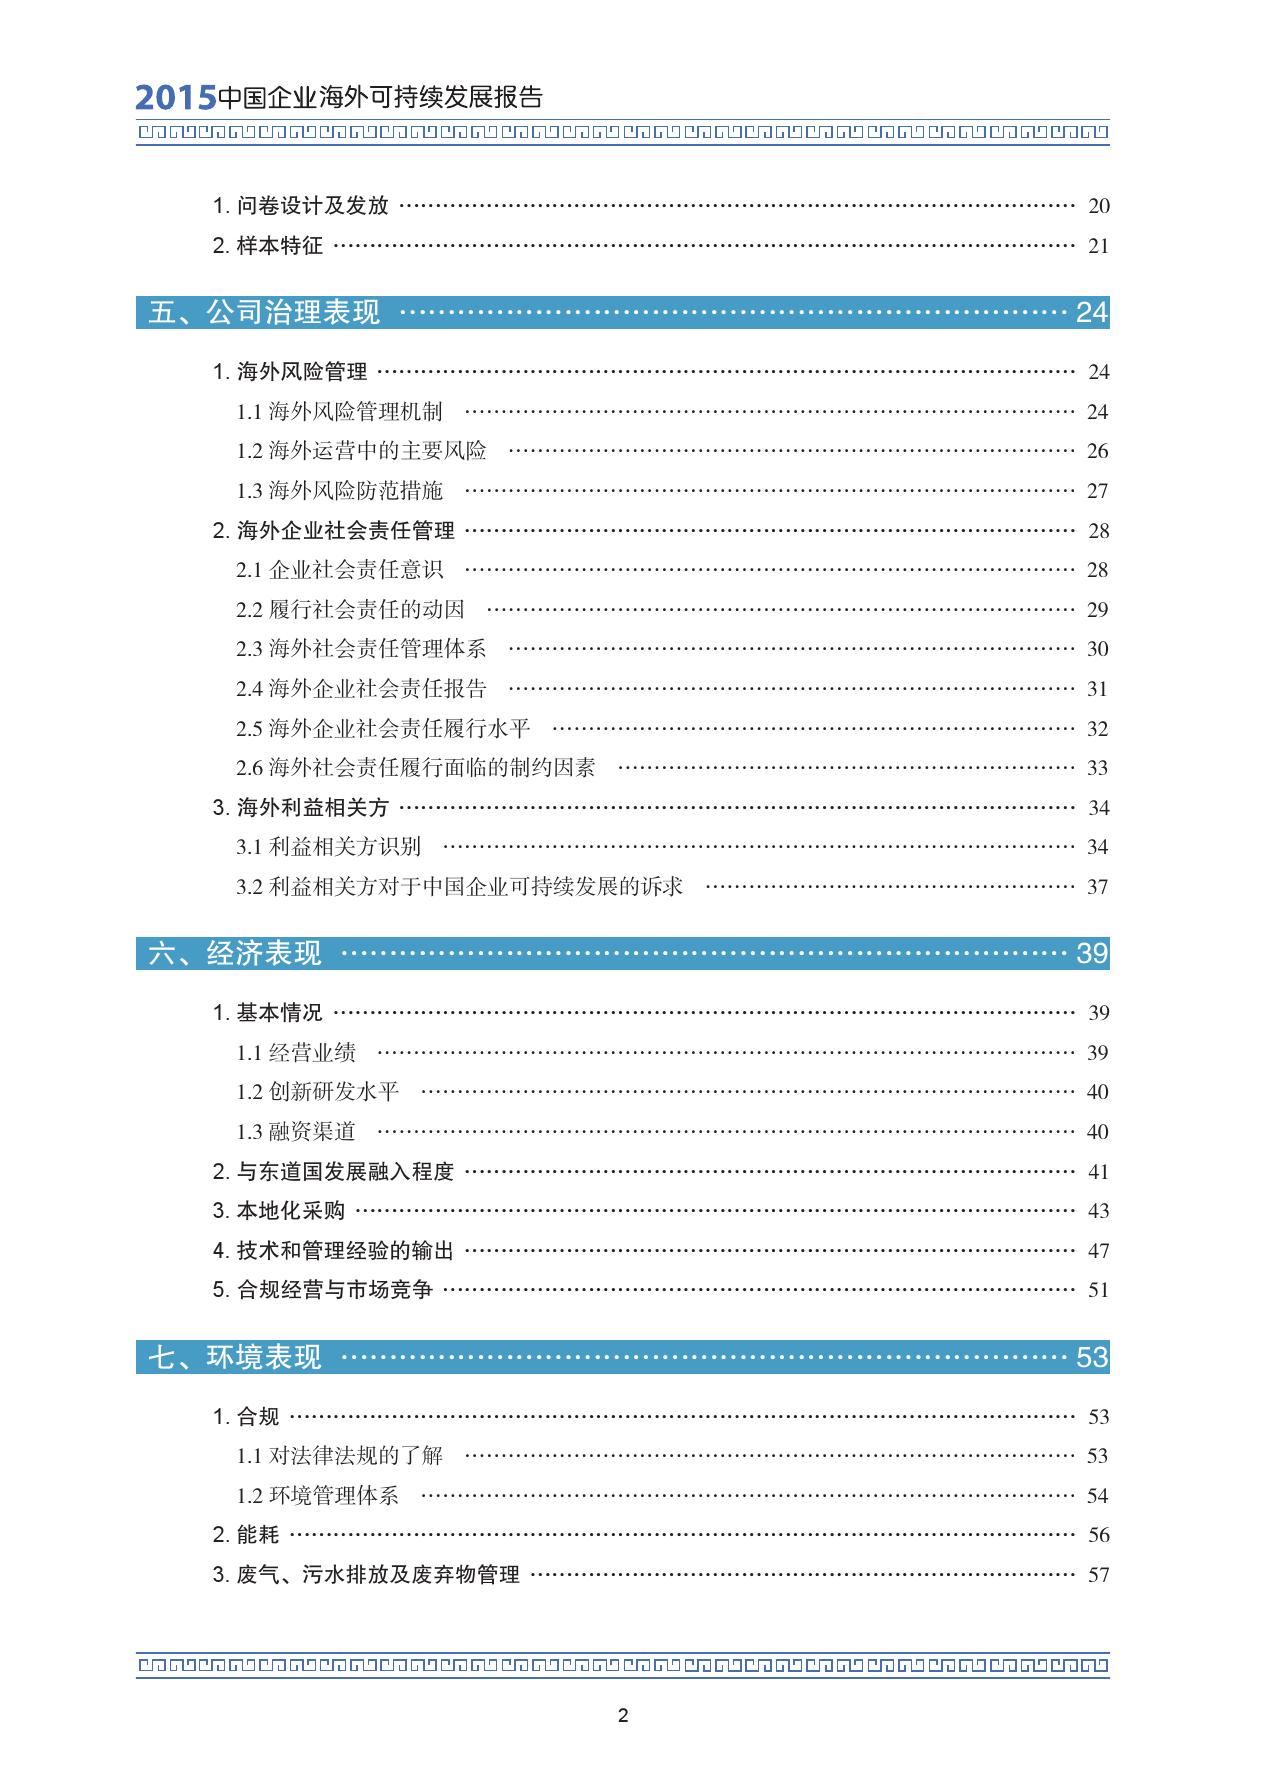 2015中国企业海外可持续发展报告_000009